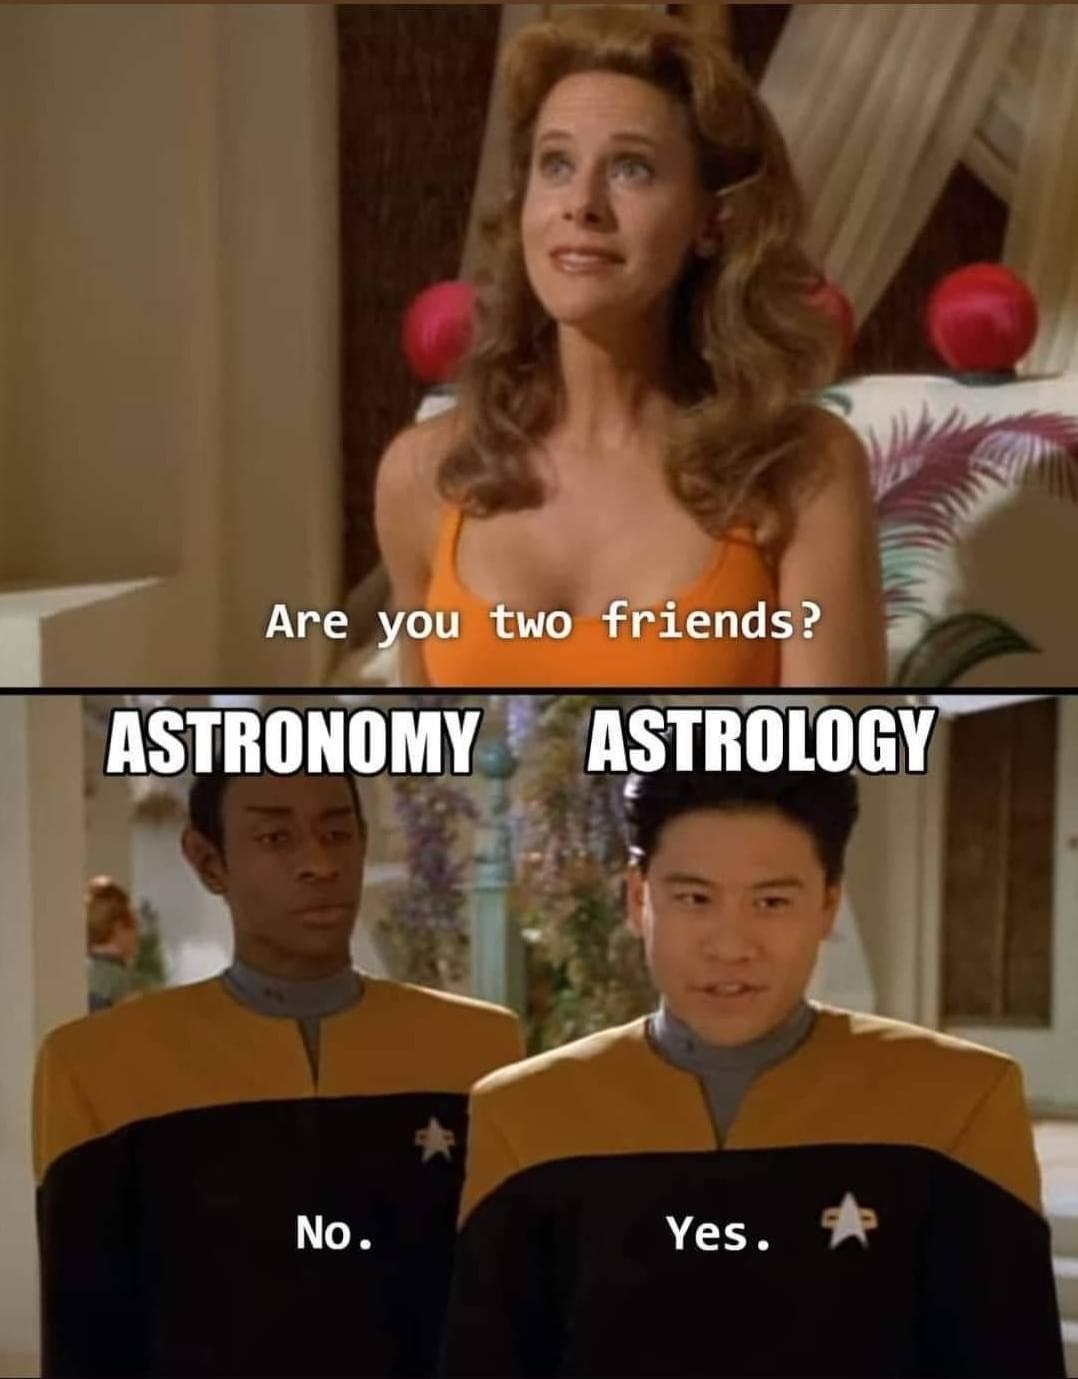 Astrology is big gay - meme